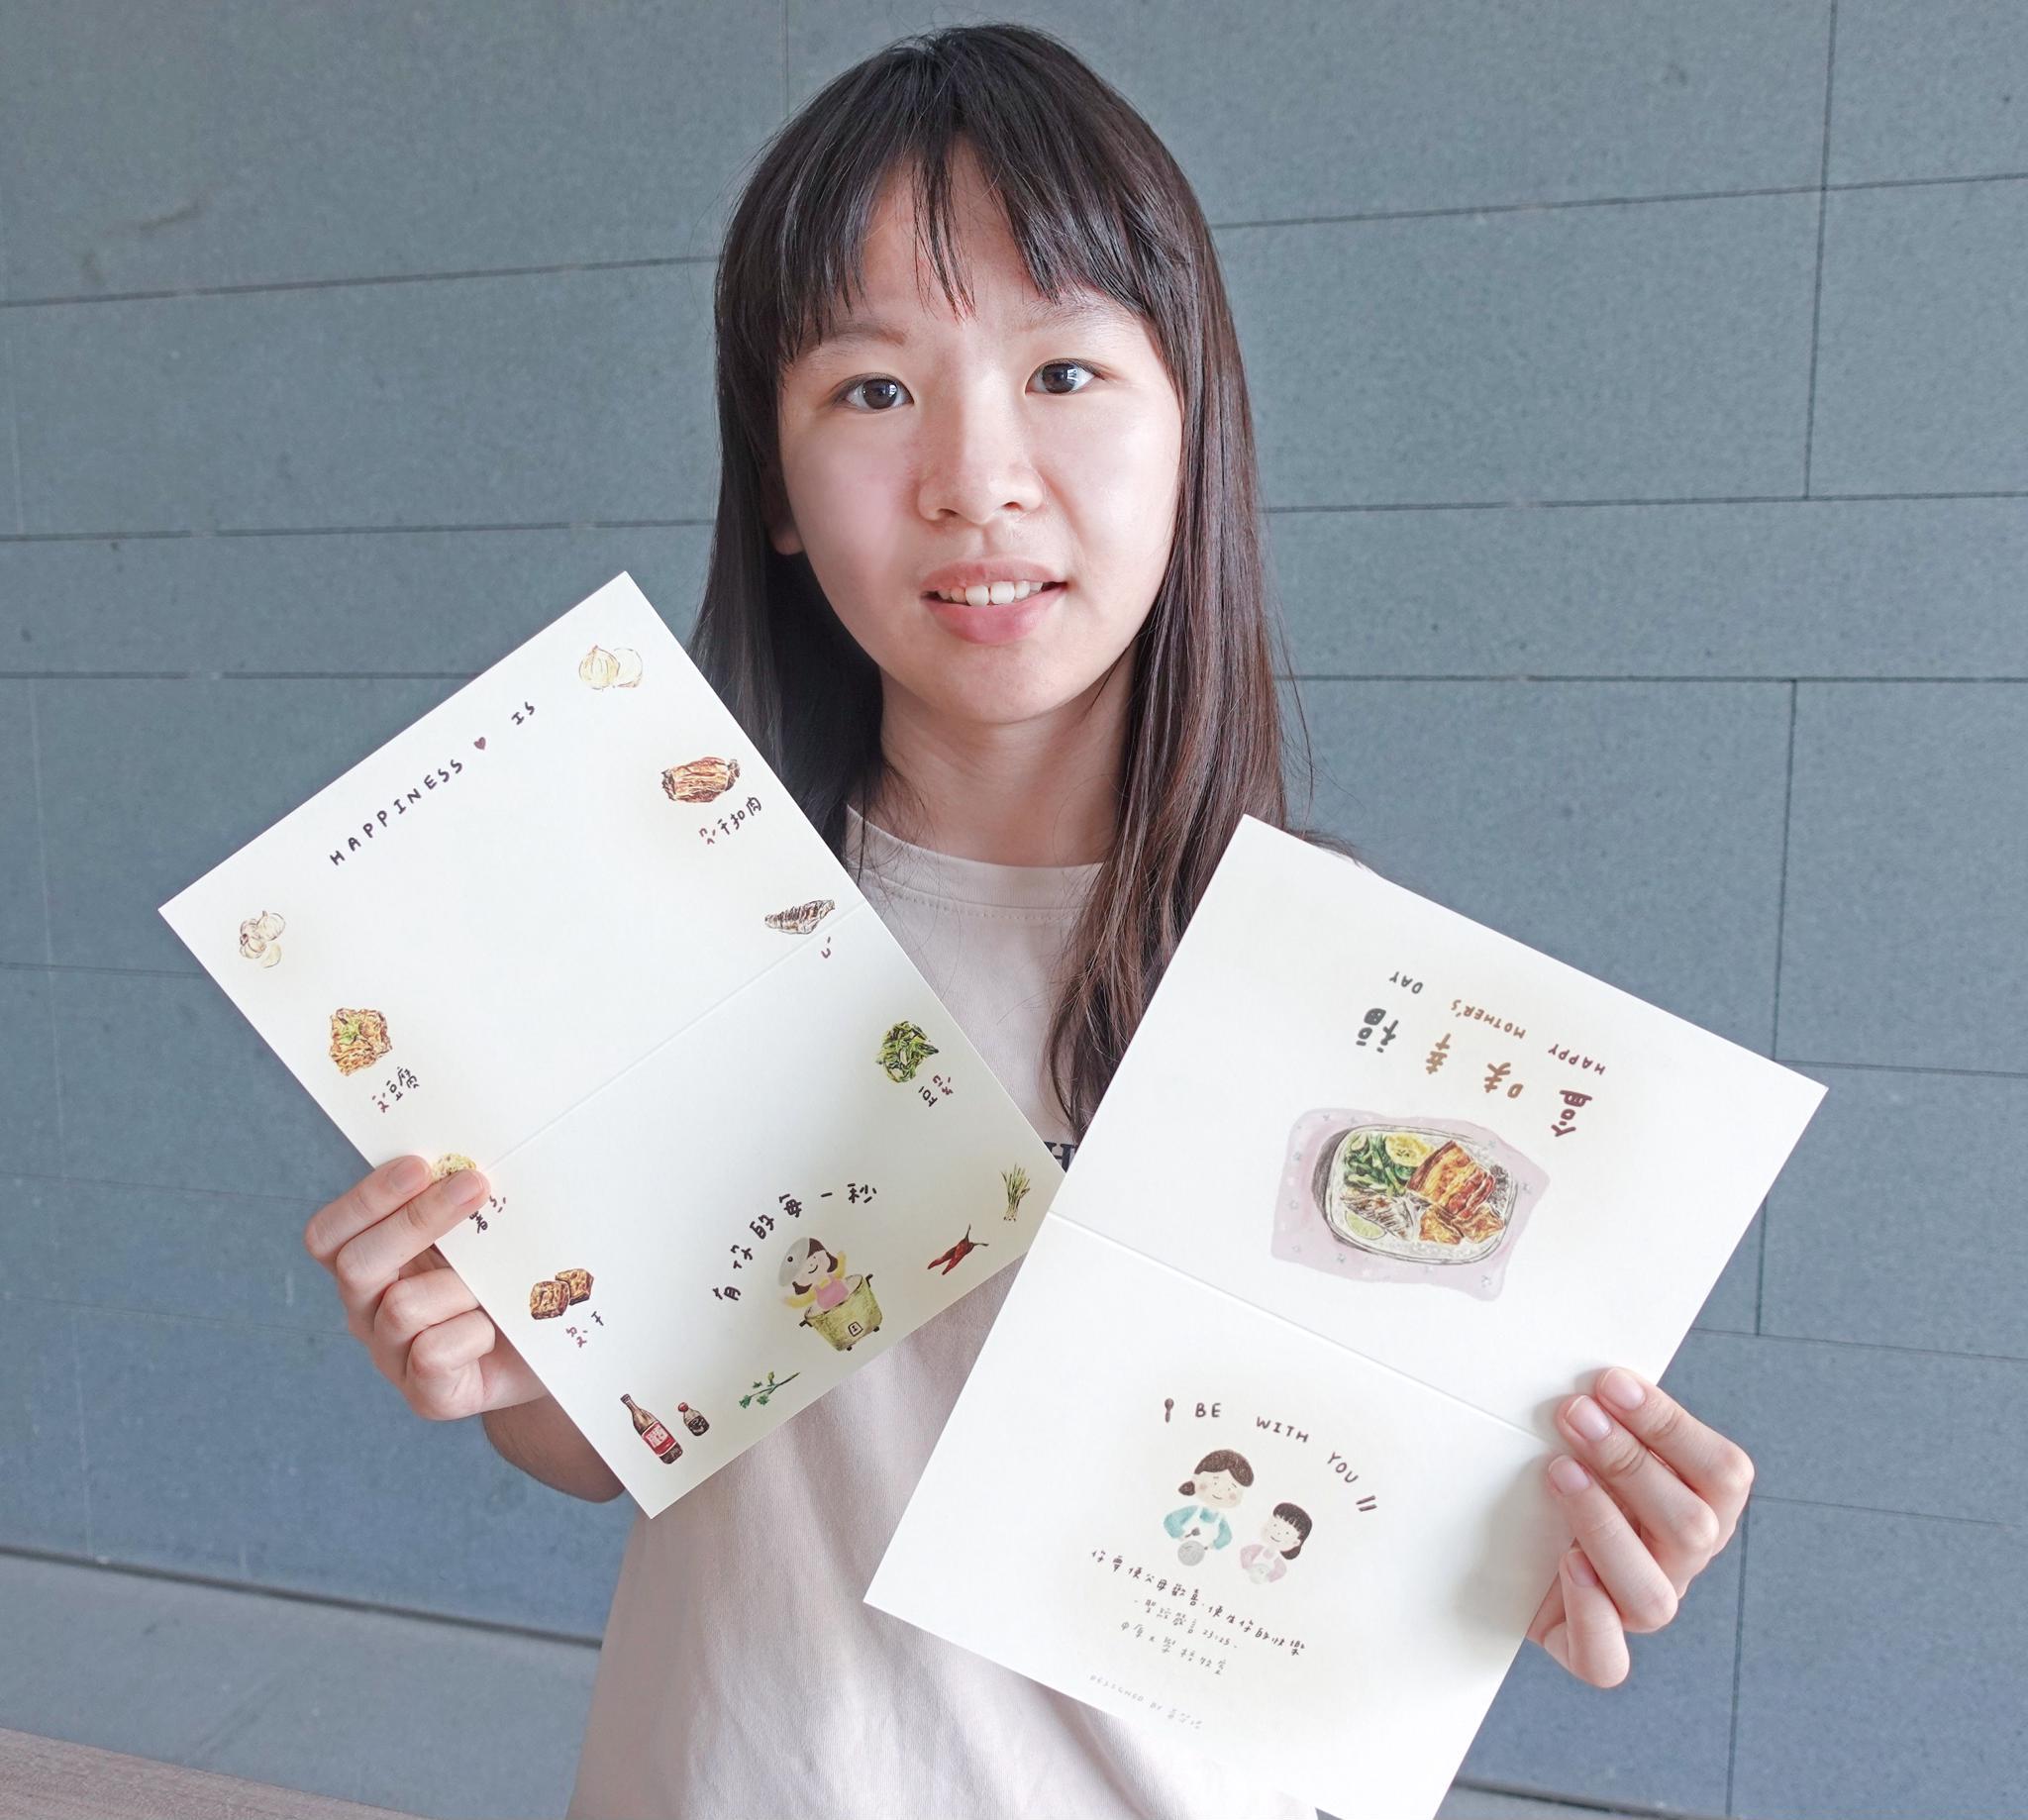 中原大學商設一黃楚珺以「盒味幸福」作品榮獲母親節卡片設計第一名。.jpg